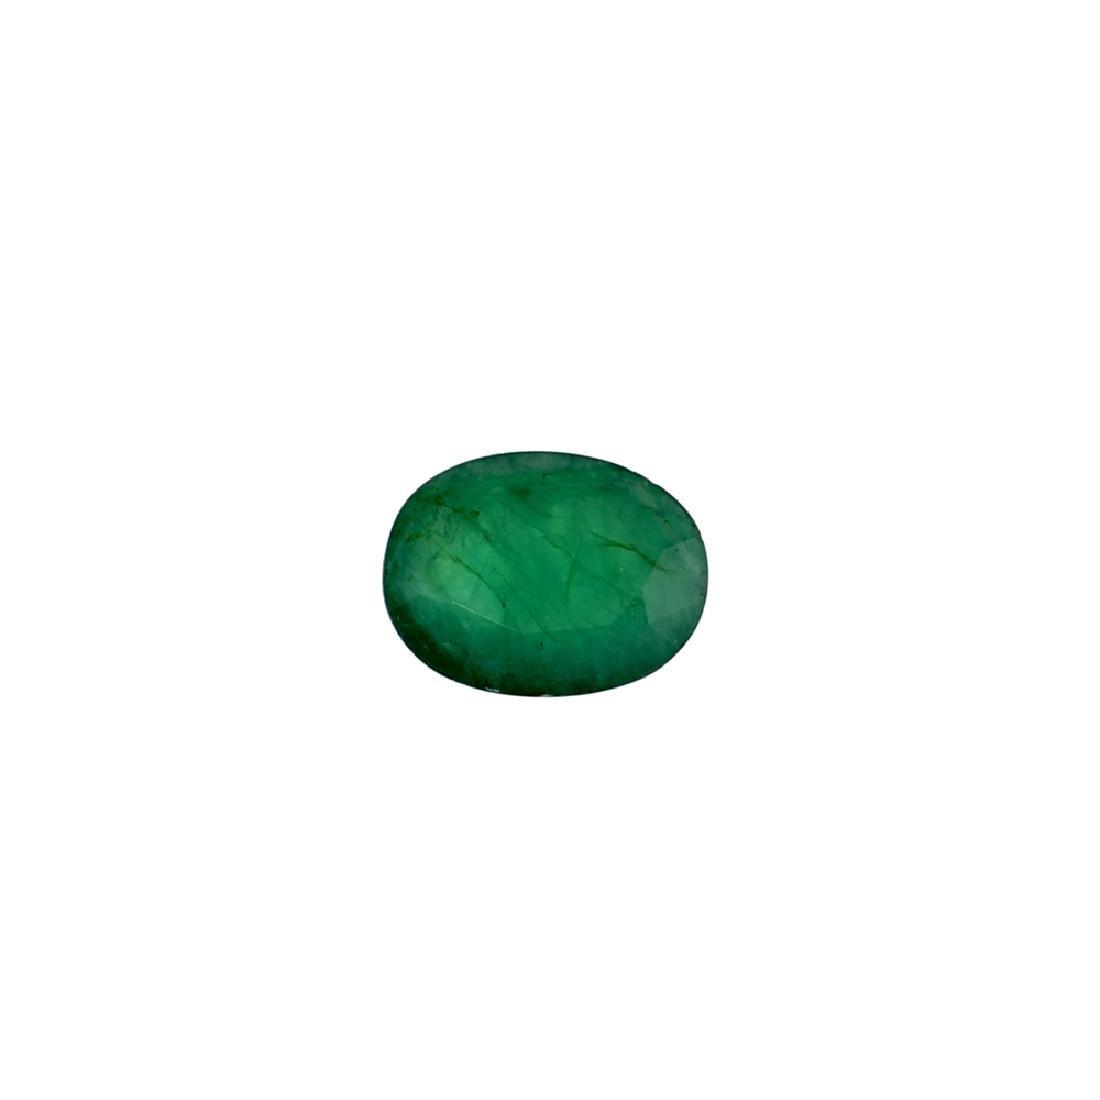 APP: 4k 3.97CT Oval Cut Green Emerald Gemstone